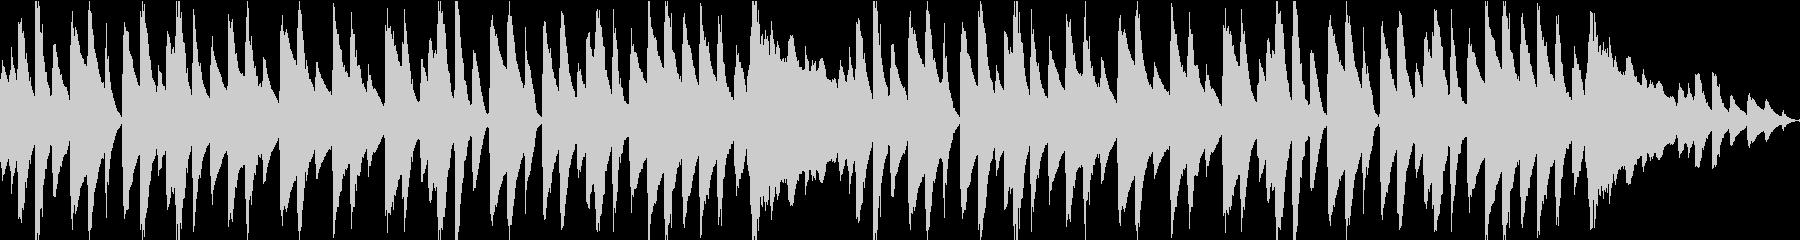 シンプルなピアノのワルツの未再生の波形